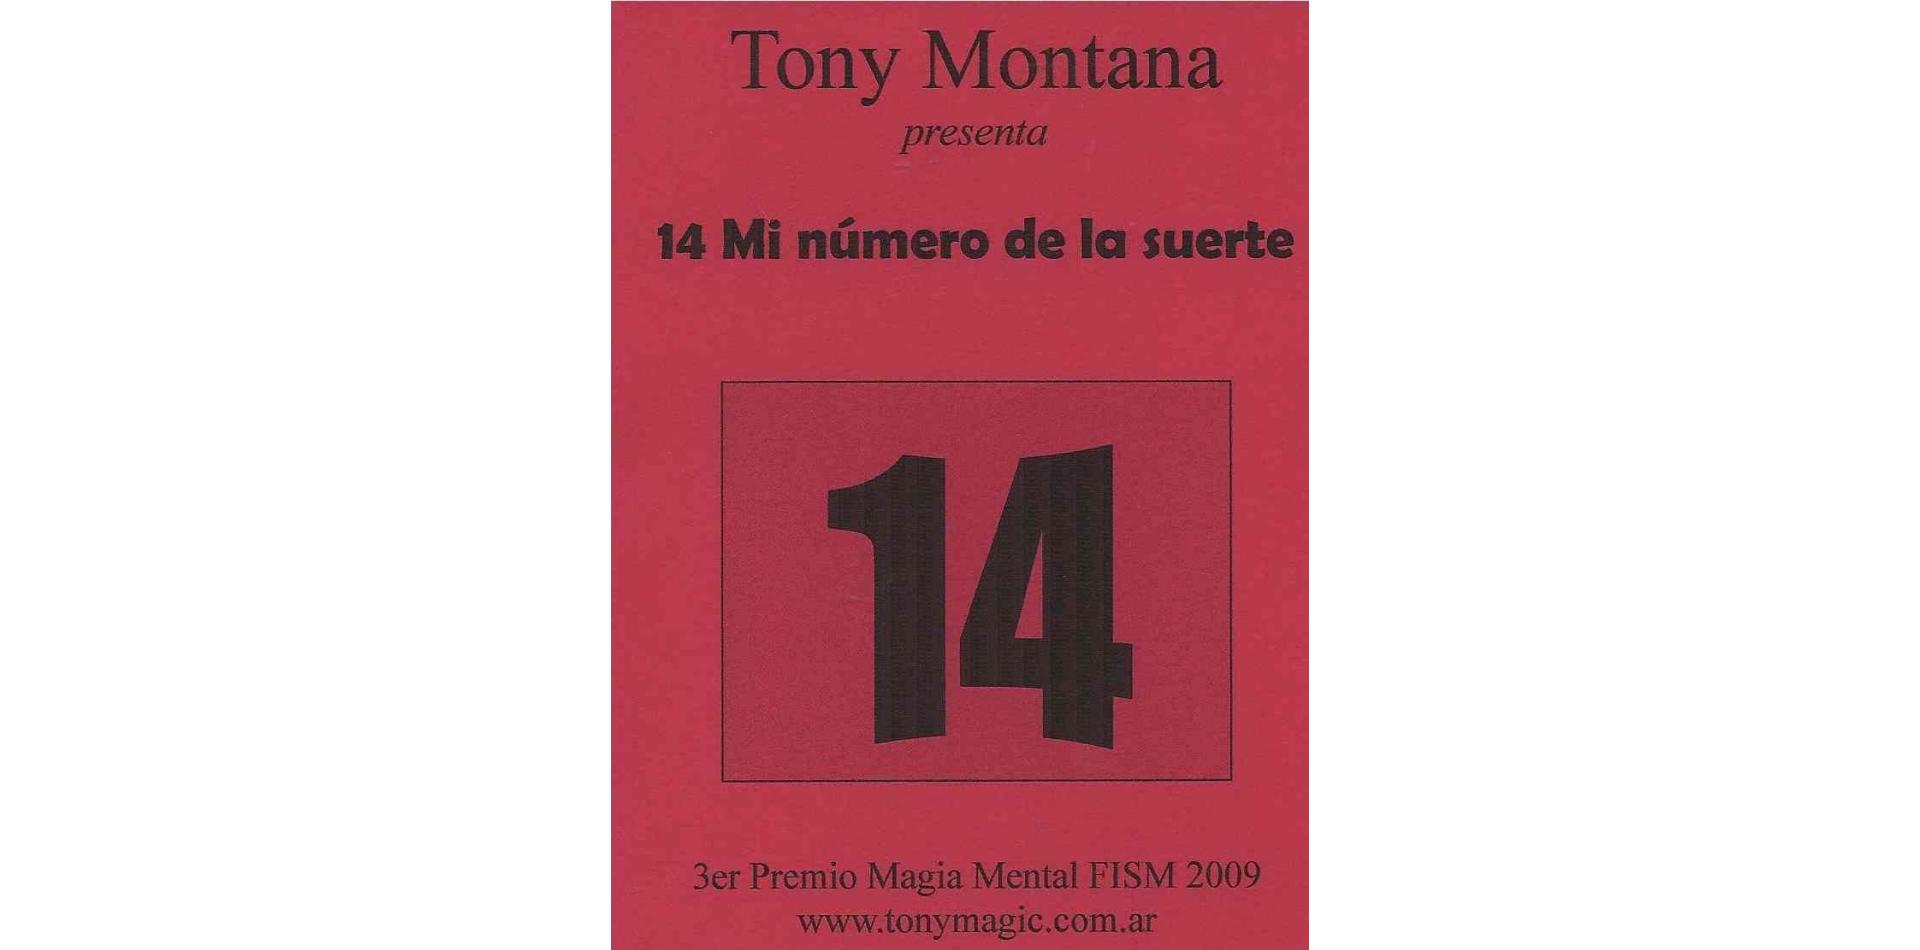 14 Mi Numero de la Suerte by Tony Montana